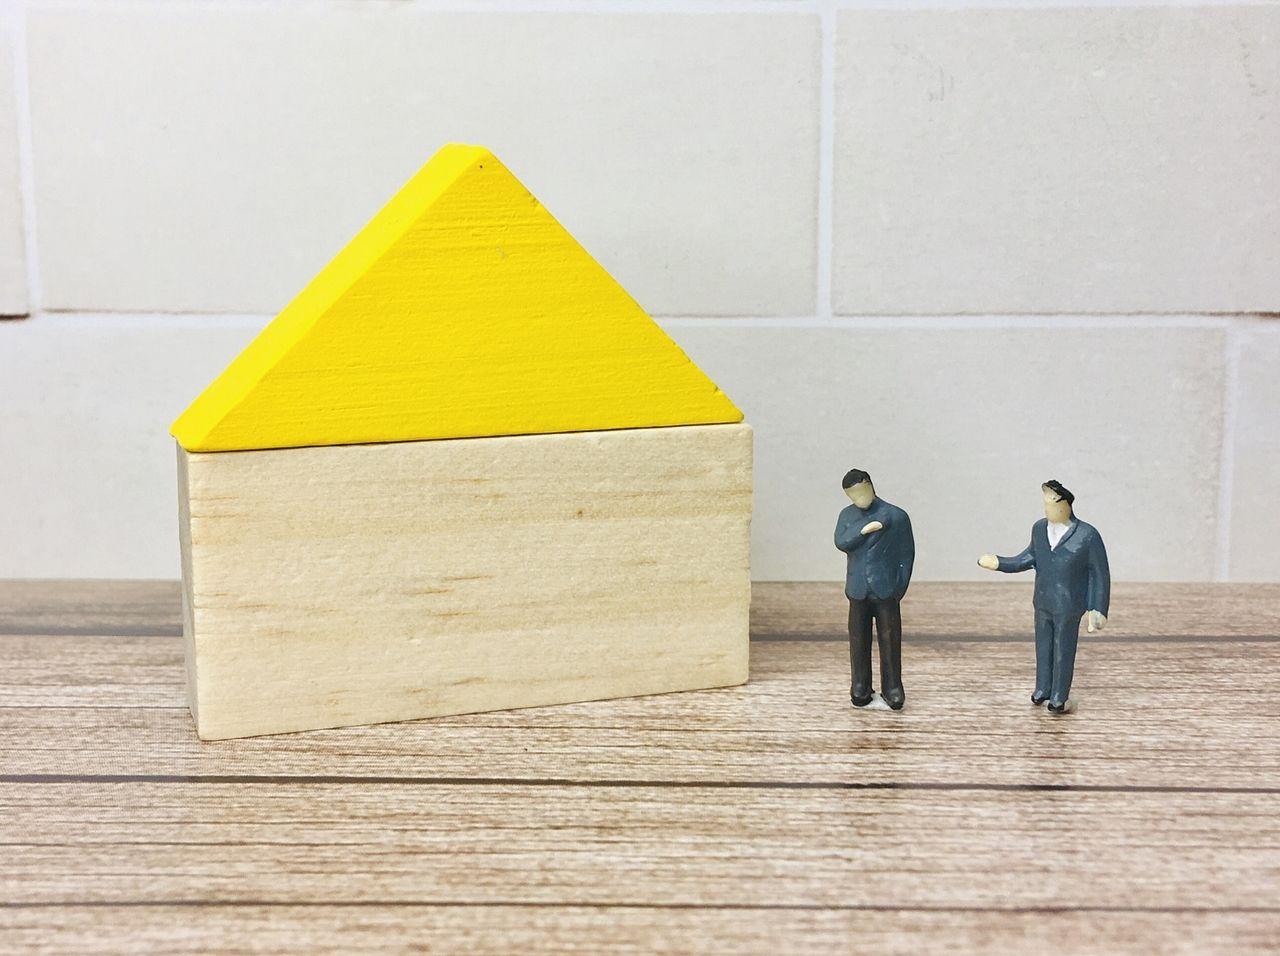 賃貸物件の条件交渉はできるものなのでしょうか。